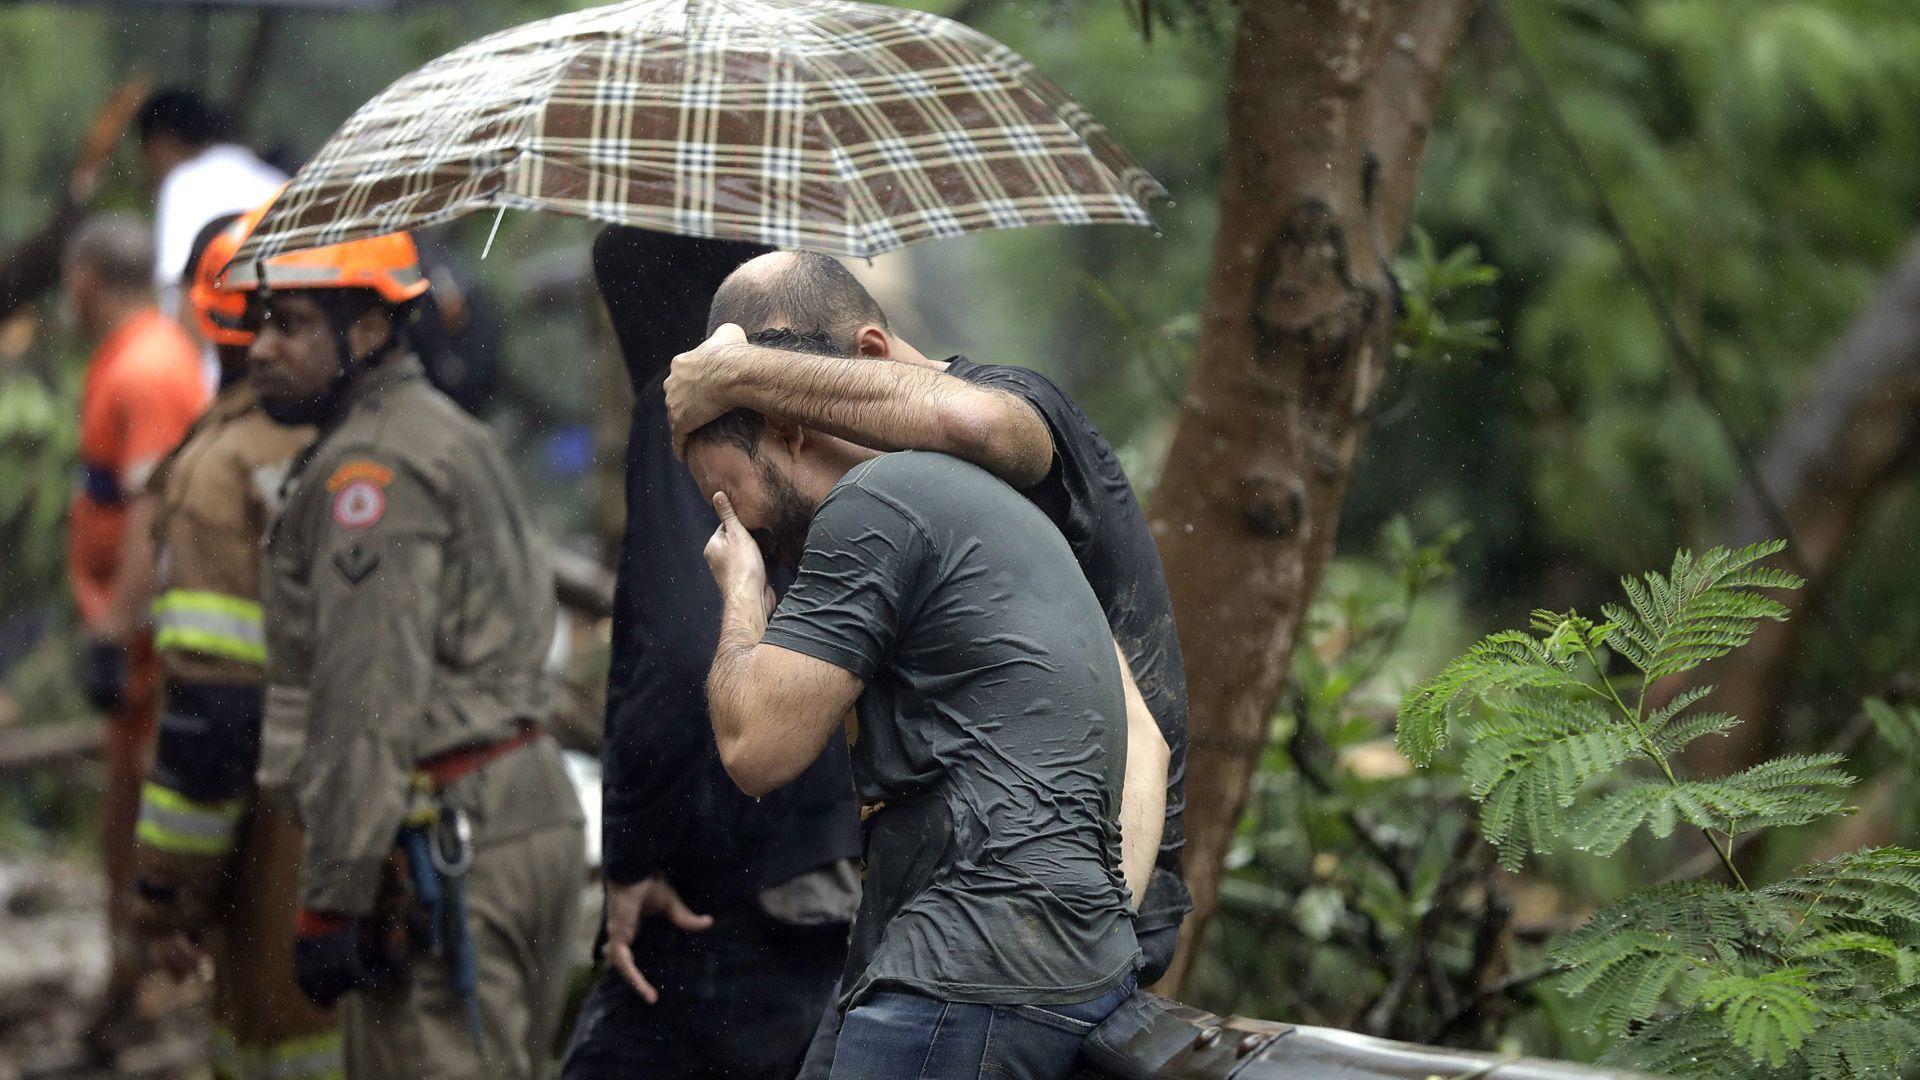 Порой в Рио де Жанейро отнесе коли, изкорени дървета, има жертви (снимки)